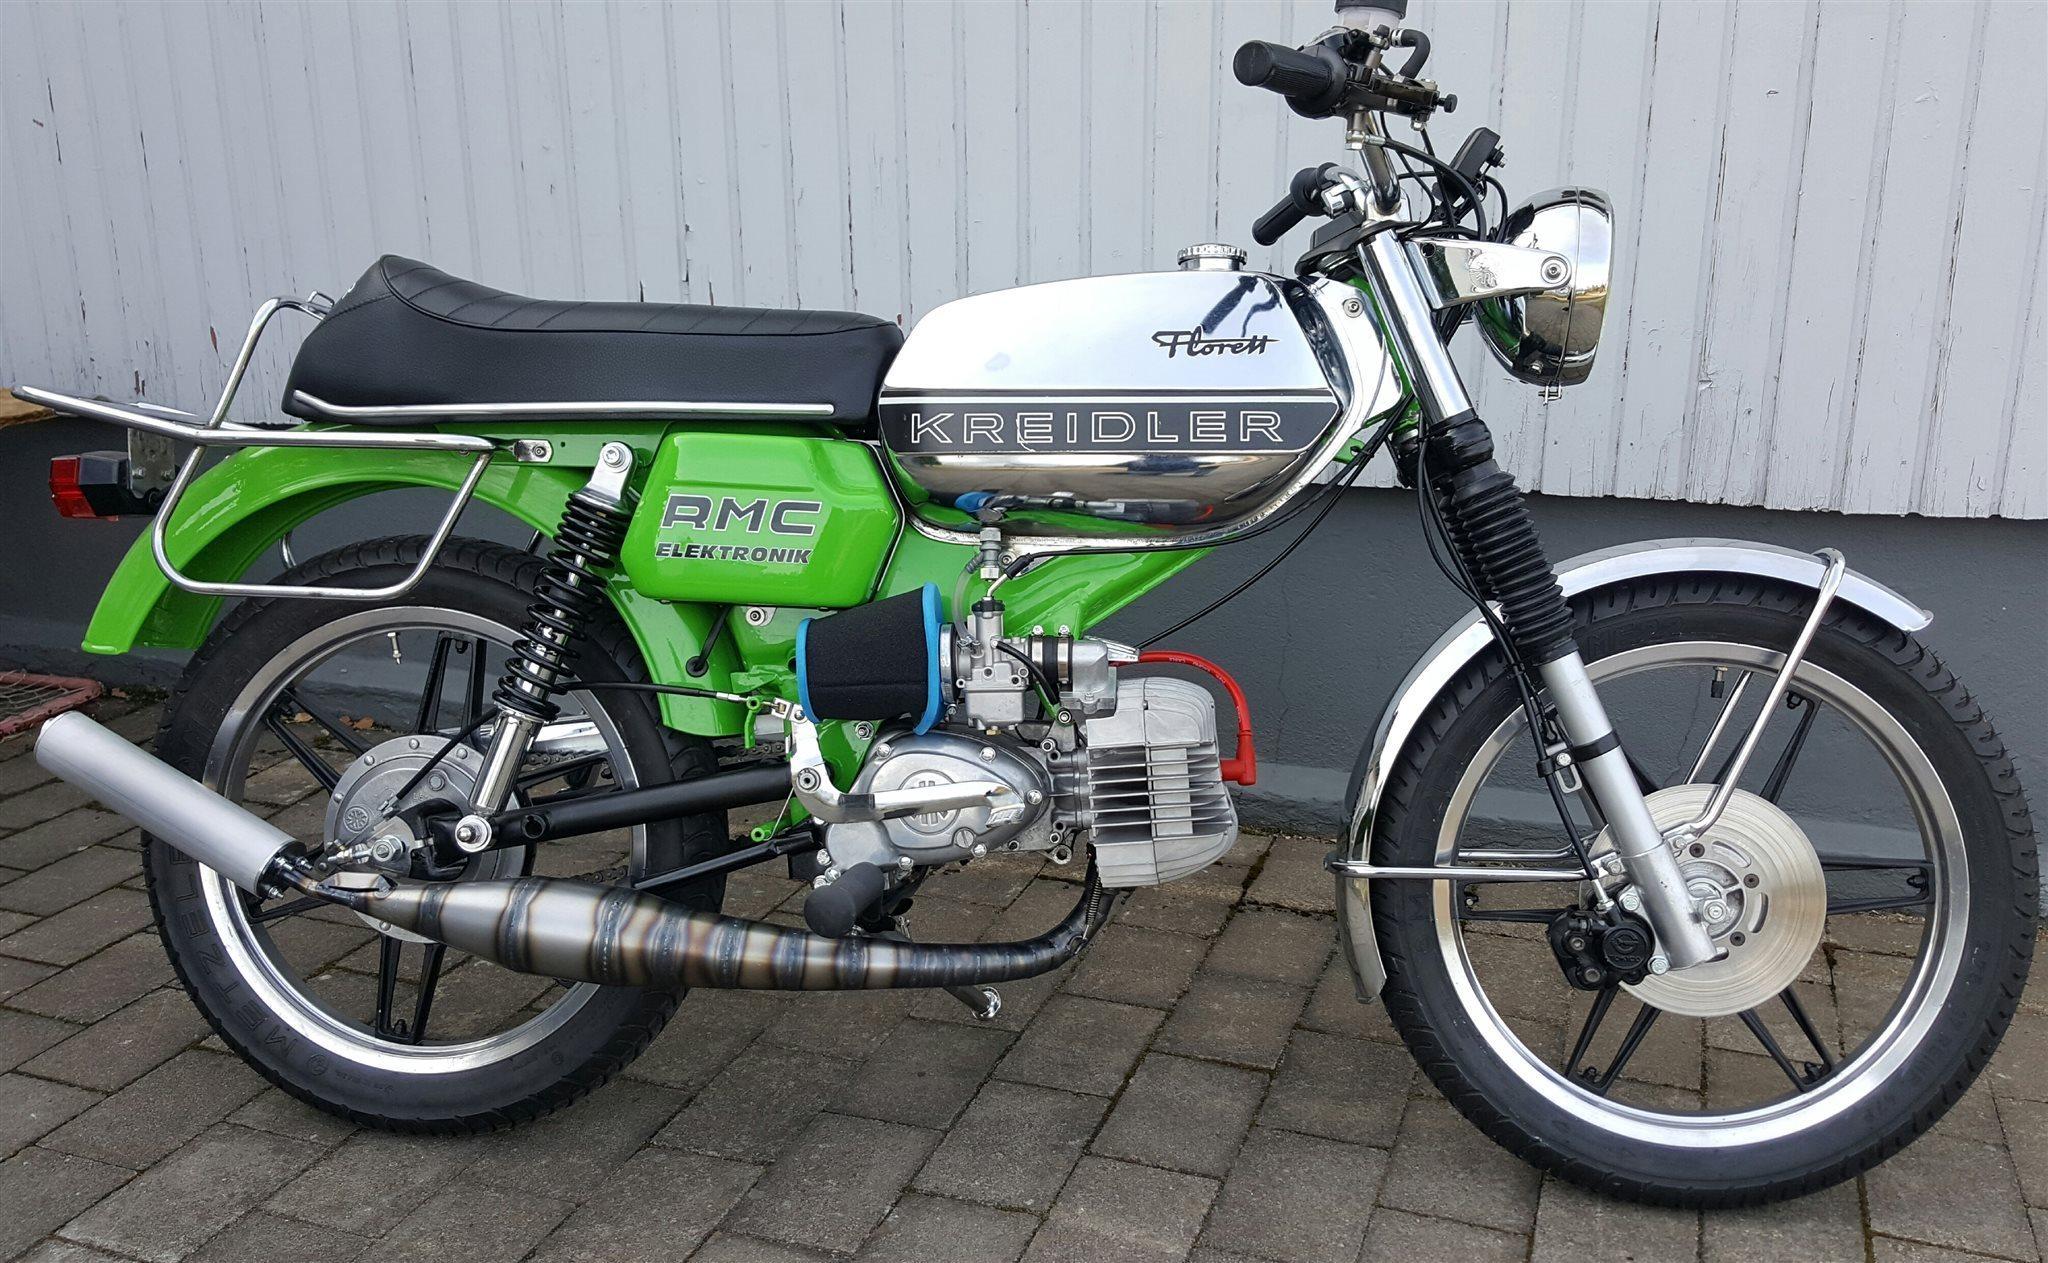 Foren Kreidler Freunde Norden Ev Wiring Diagram Florett Rmc 78 Krklar Moped I My 308004349